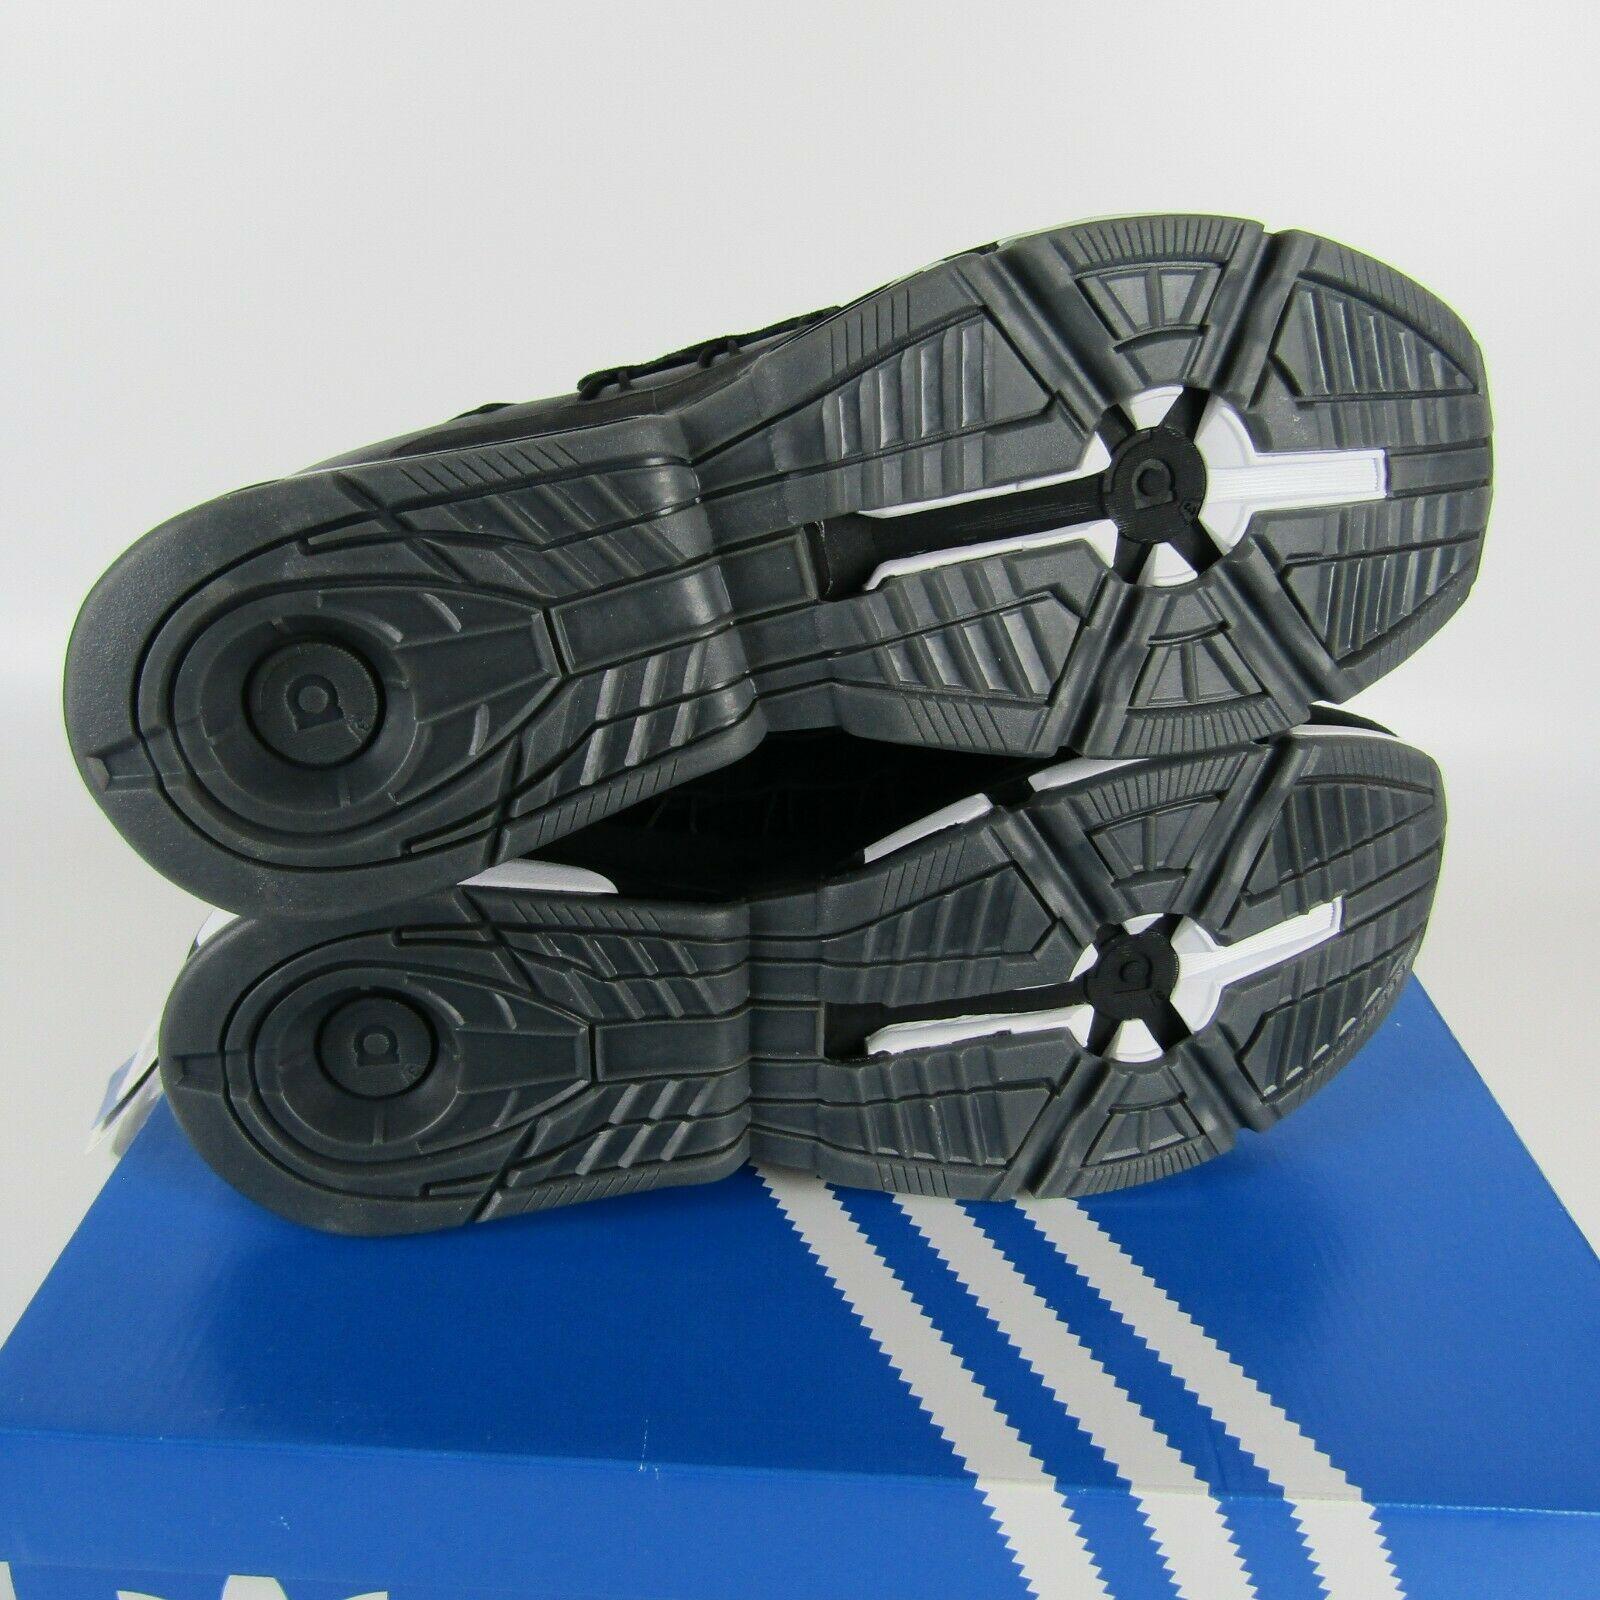 Adidas Twinstrike Adv Elástico Cuero Casual Zapatos Negros Blanco B28015 Size 13 image 7